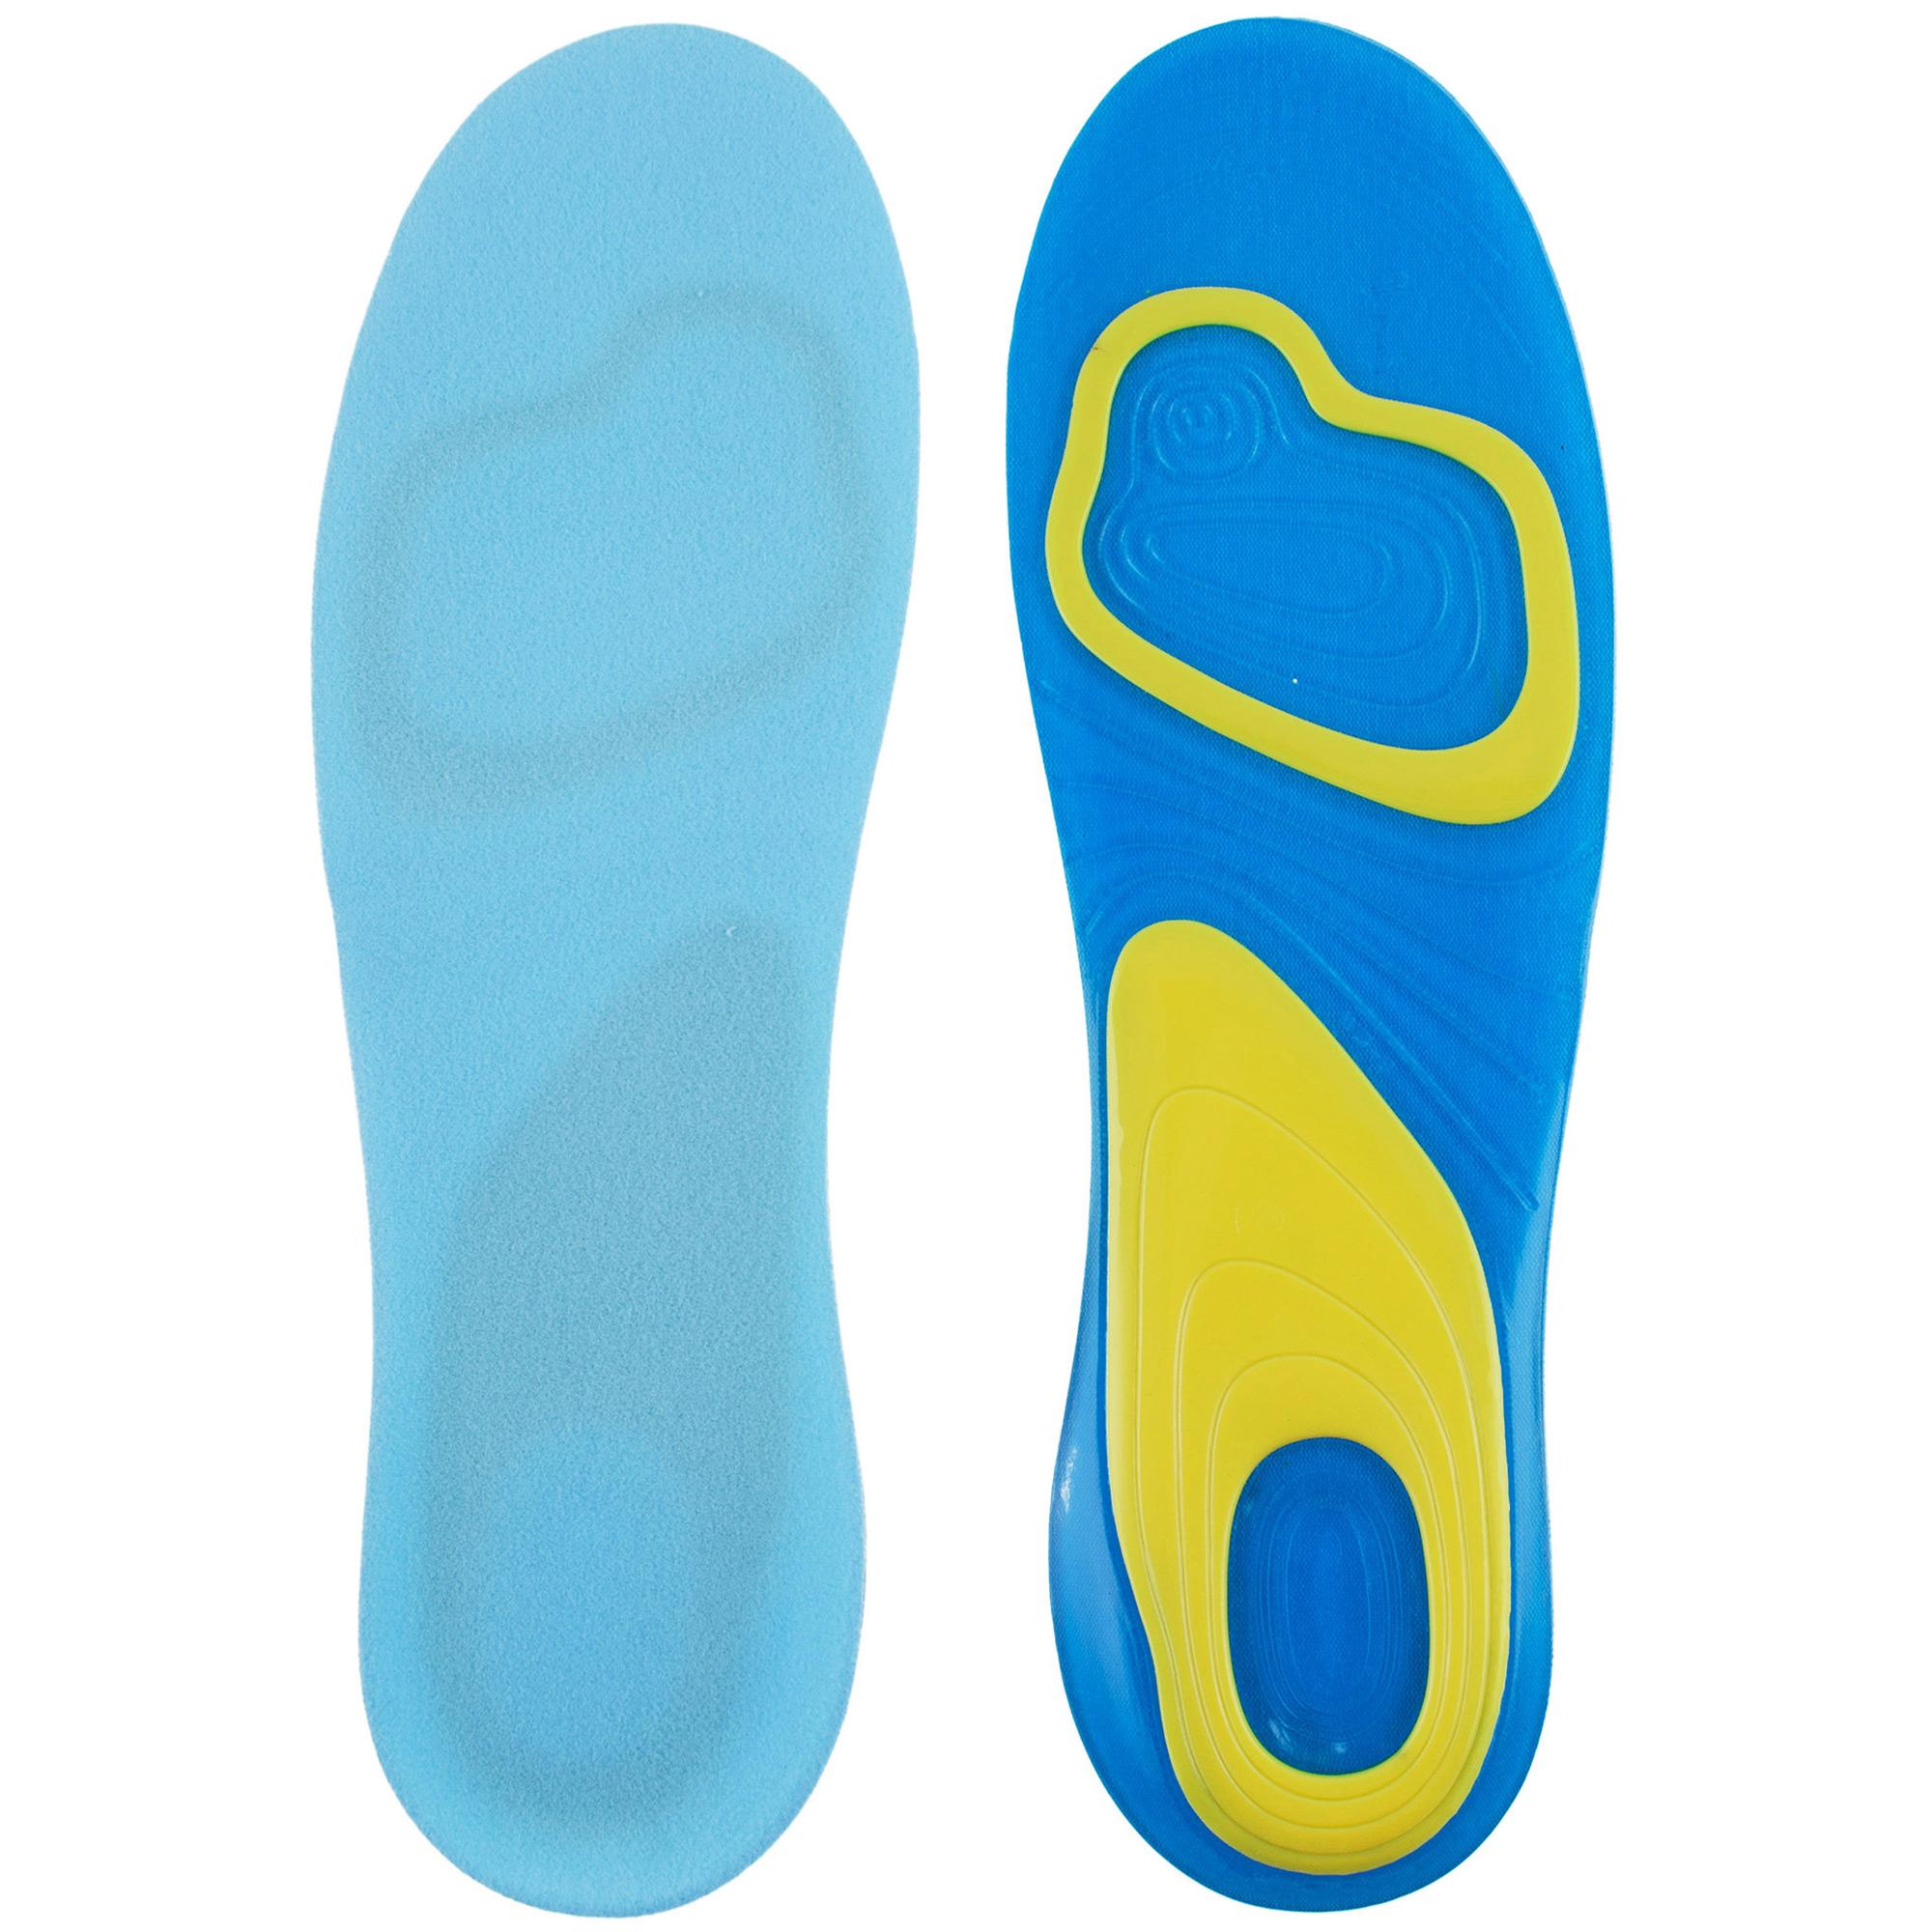 КОМФОРТ Гелевые стельки для обуви силиконовые 42-47